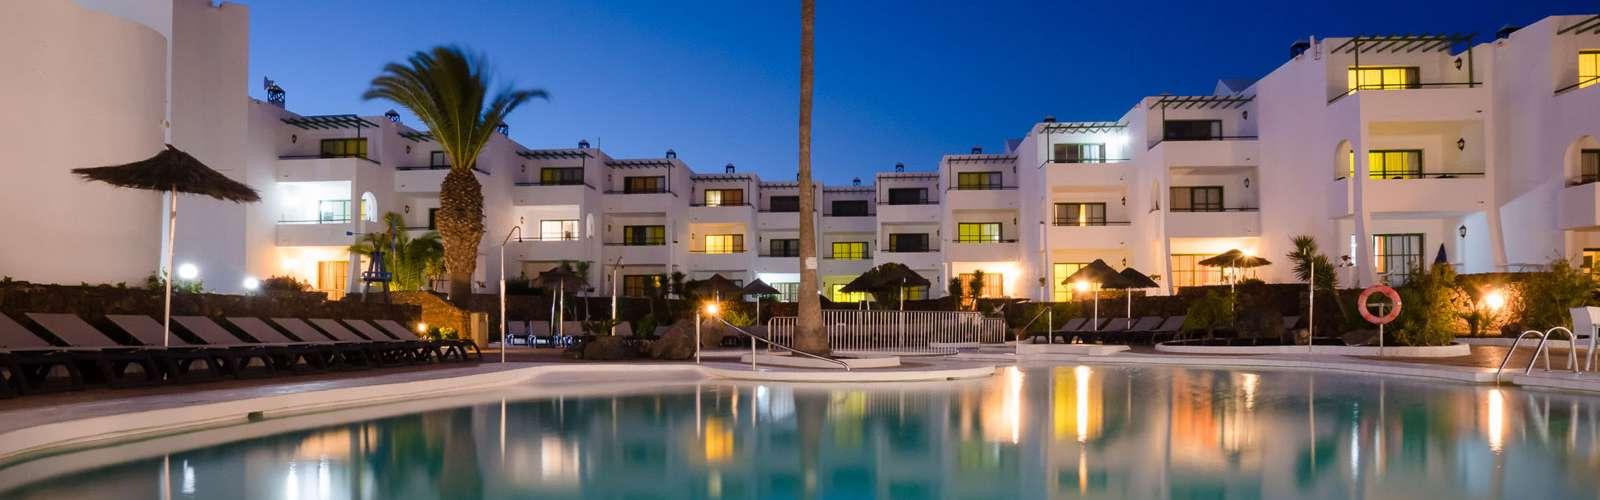 Site Map | Club Siroco Apartments - Lanzarote